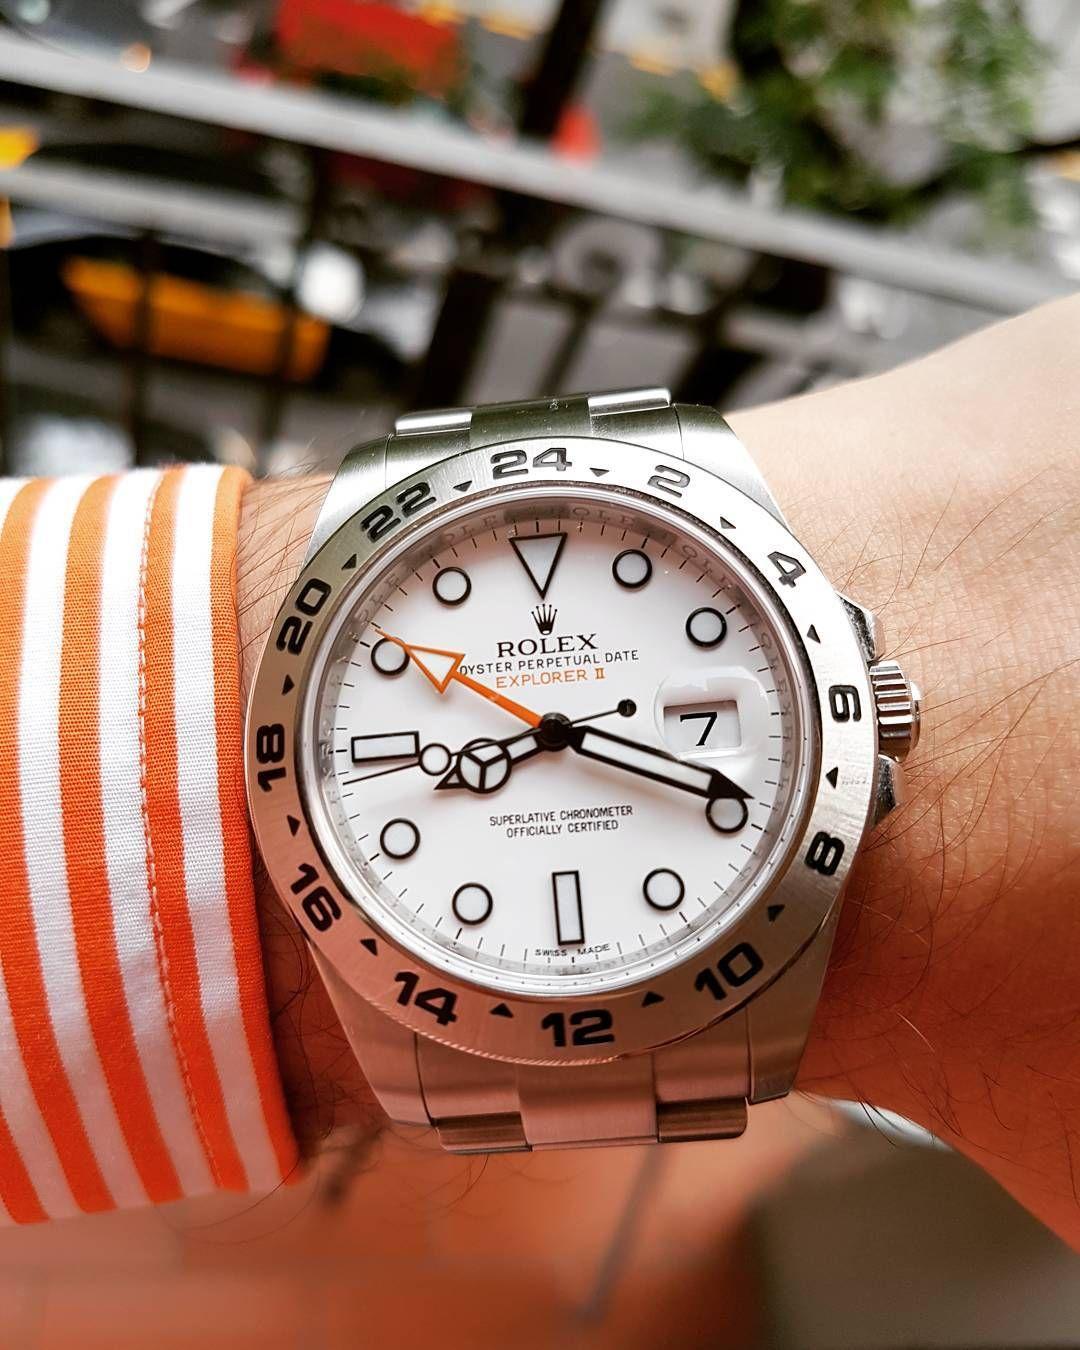 8d1f9ab1ece Guess I like orange and no I m not Dutch by crazybelgianwatchlover Rolex  Explorer Ii